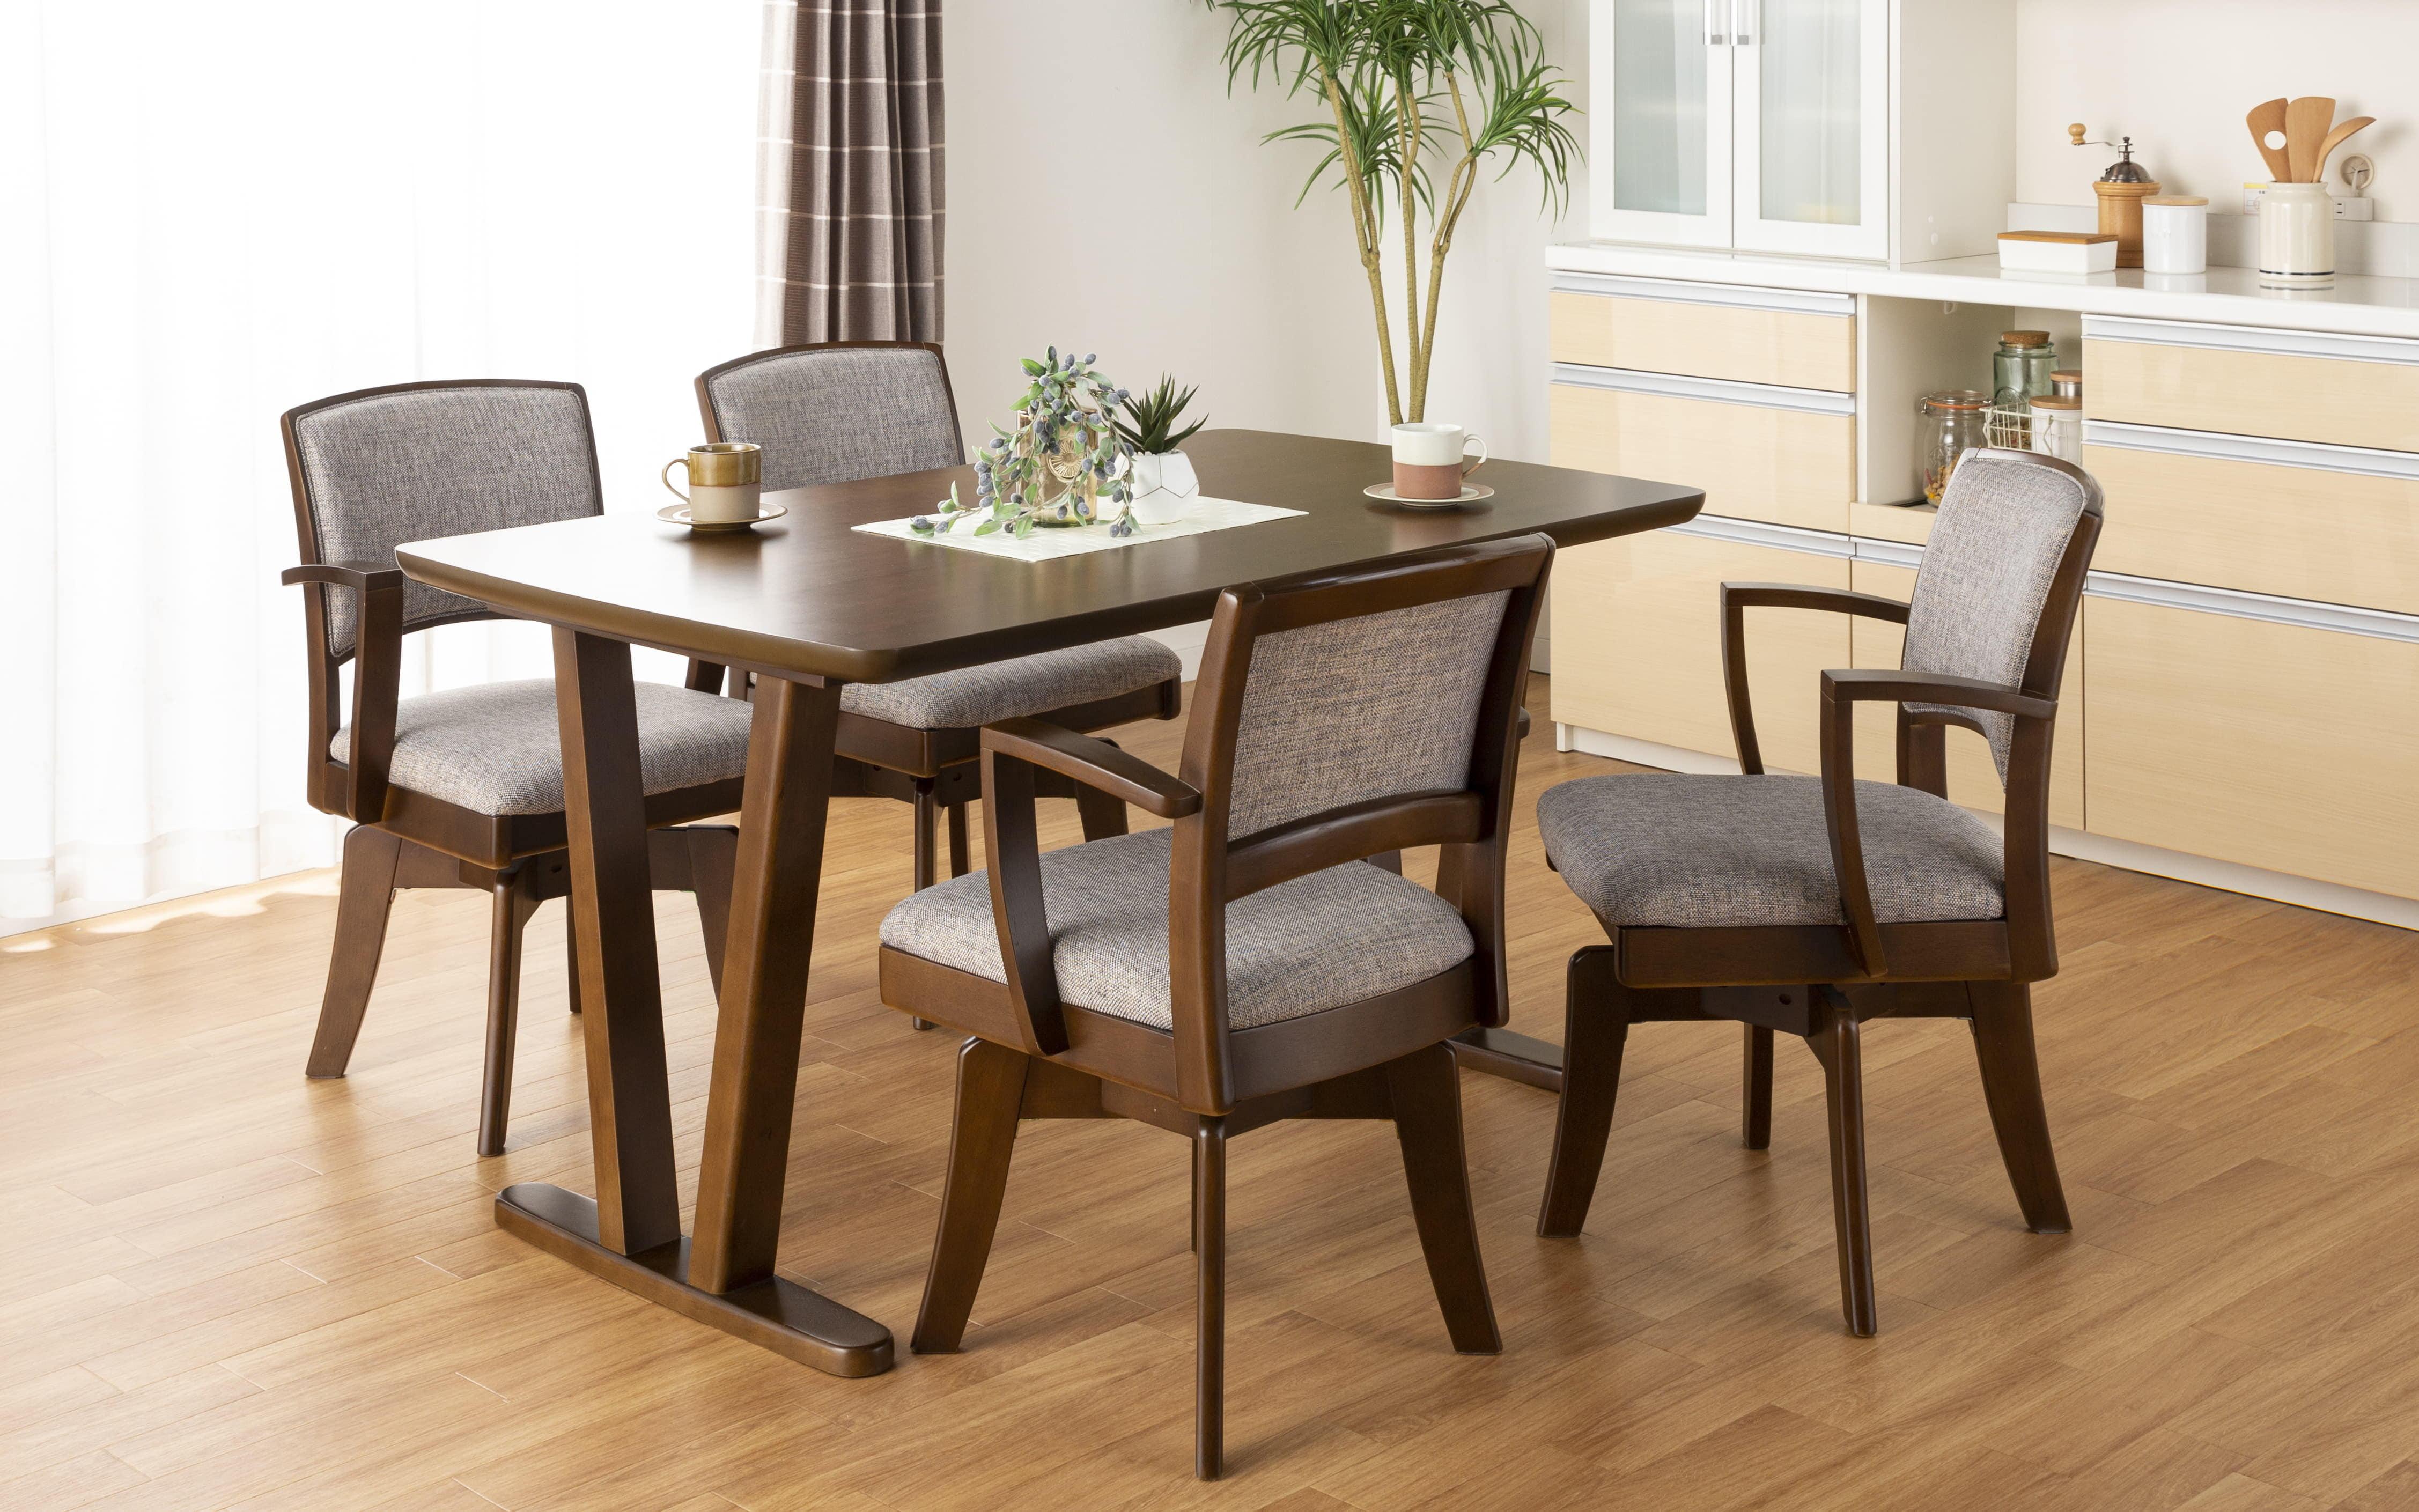 ダイニングテーブル ラクレット 165:いろんな部屋に合うベーシックデザイン